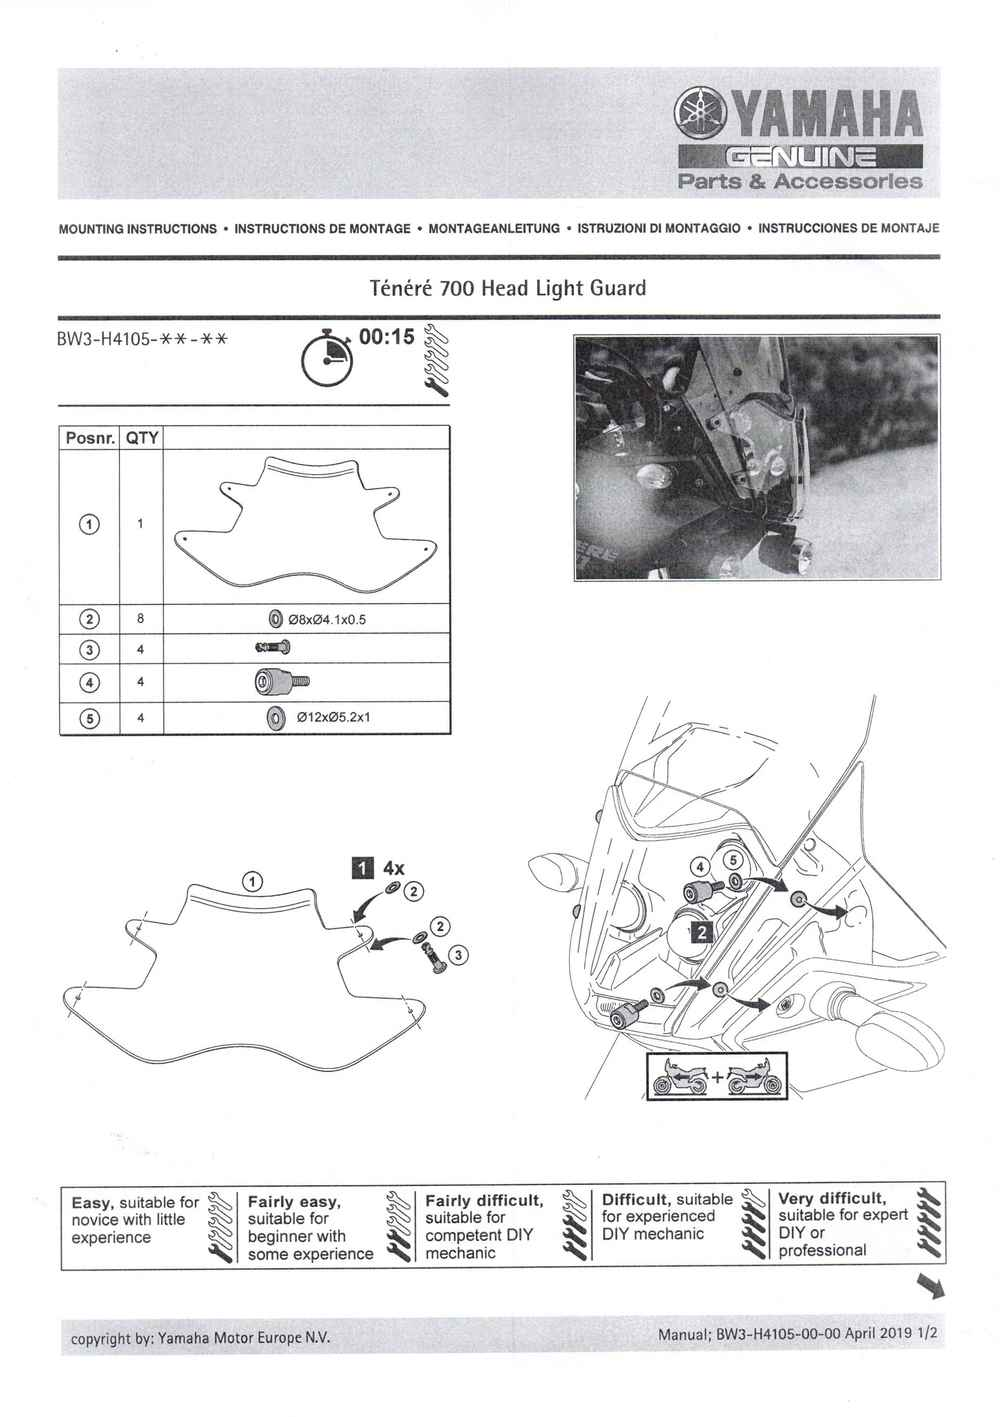 Montageanleitung Scheinwerferschutz Tenere 700